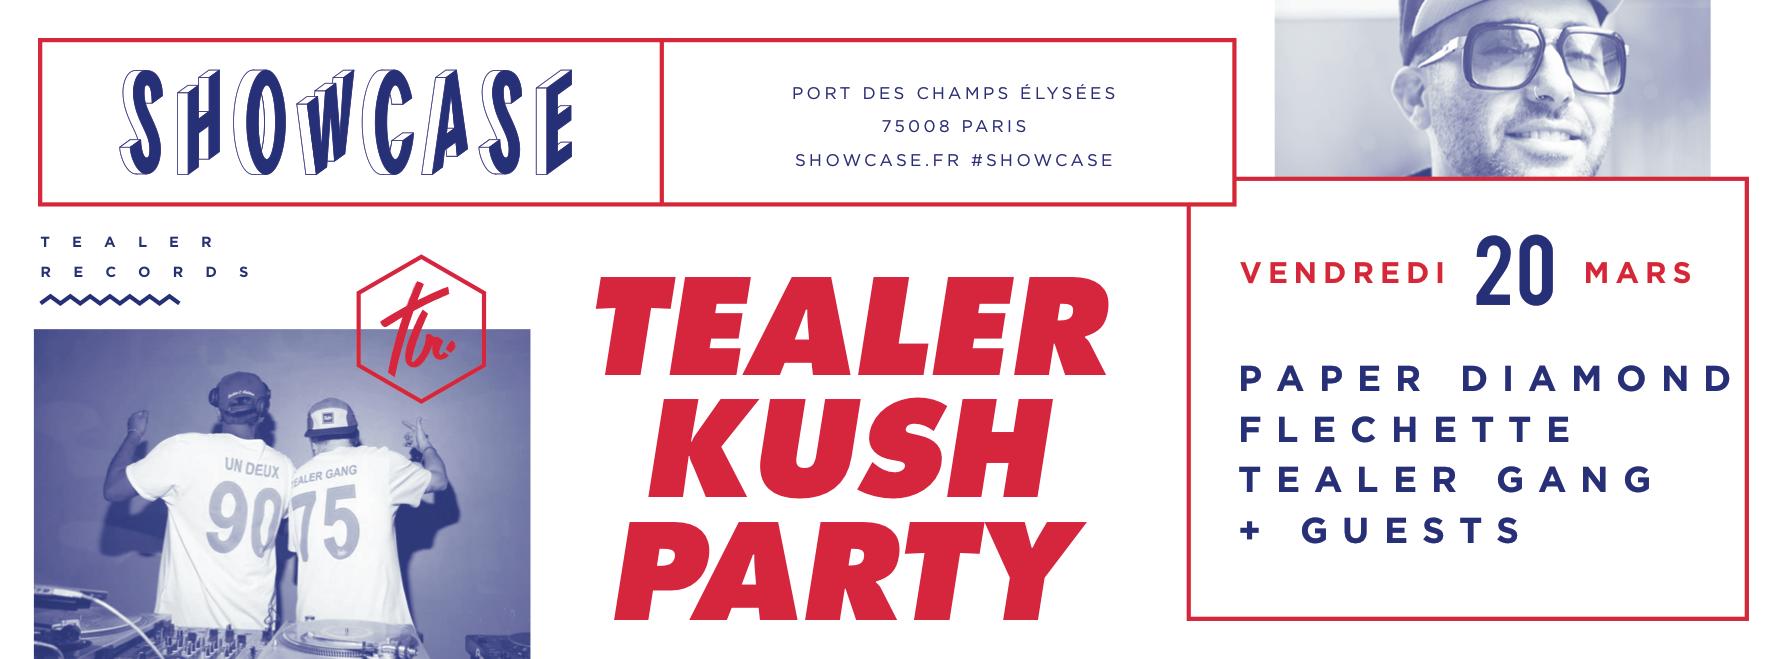 Concours : gagnez des places pour la Tealer Kush Party du 20 mars à Paris